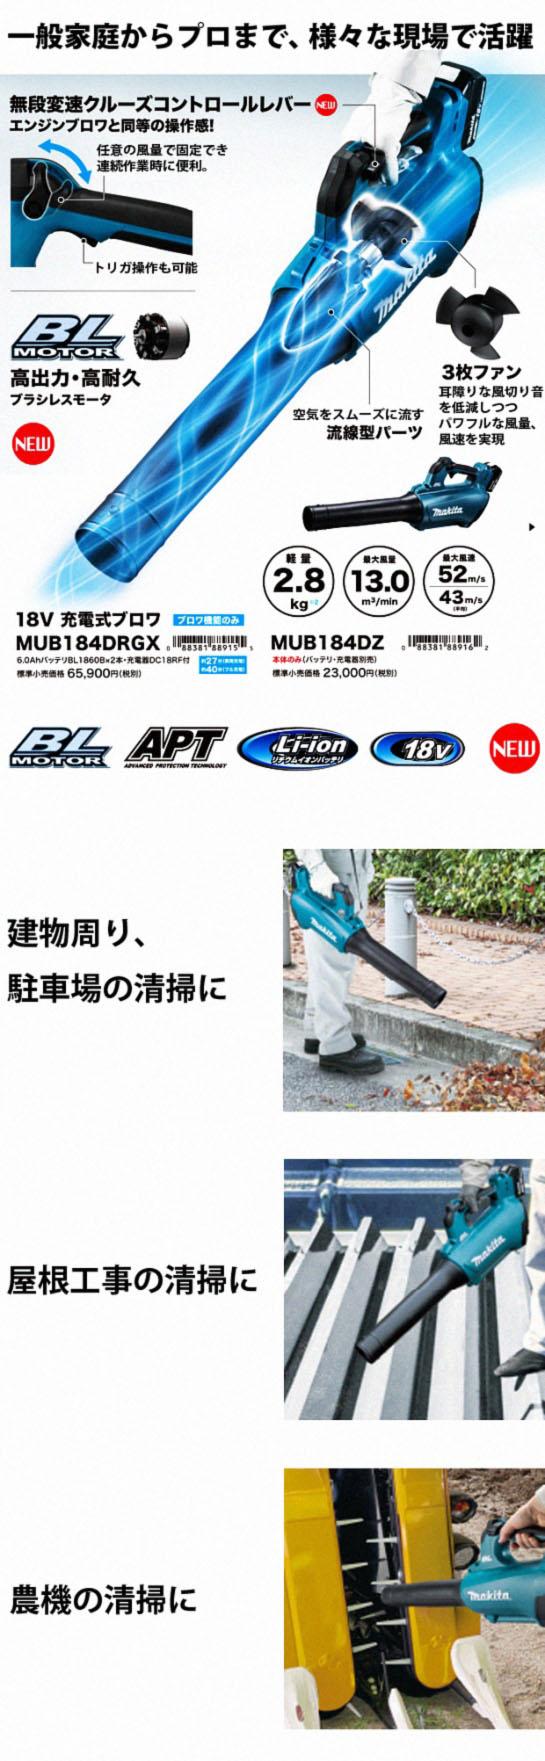 マキタ 18V 充電式ブロワ MUB184D【ブロワ機能のみ】